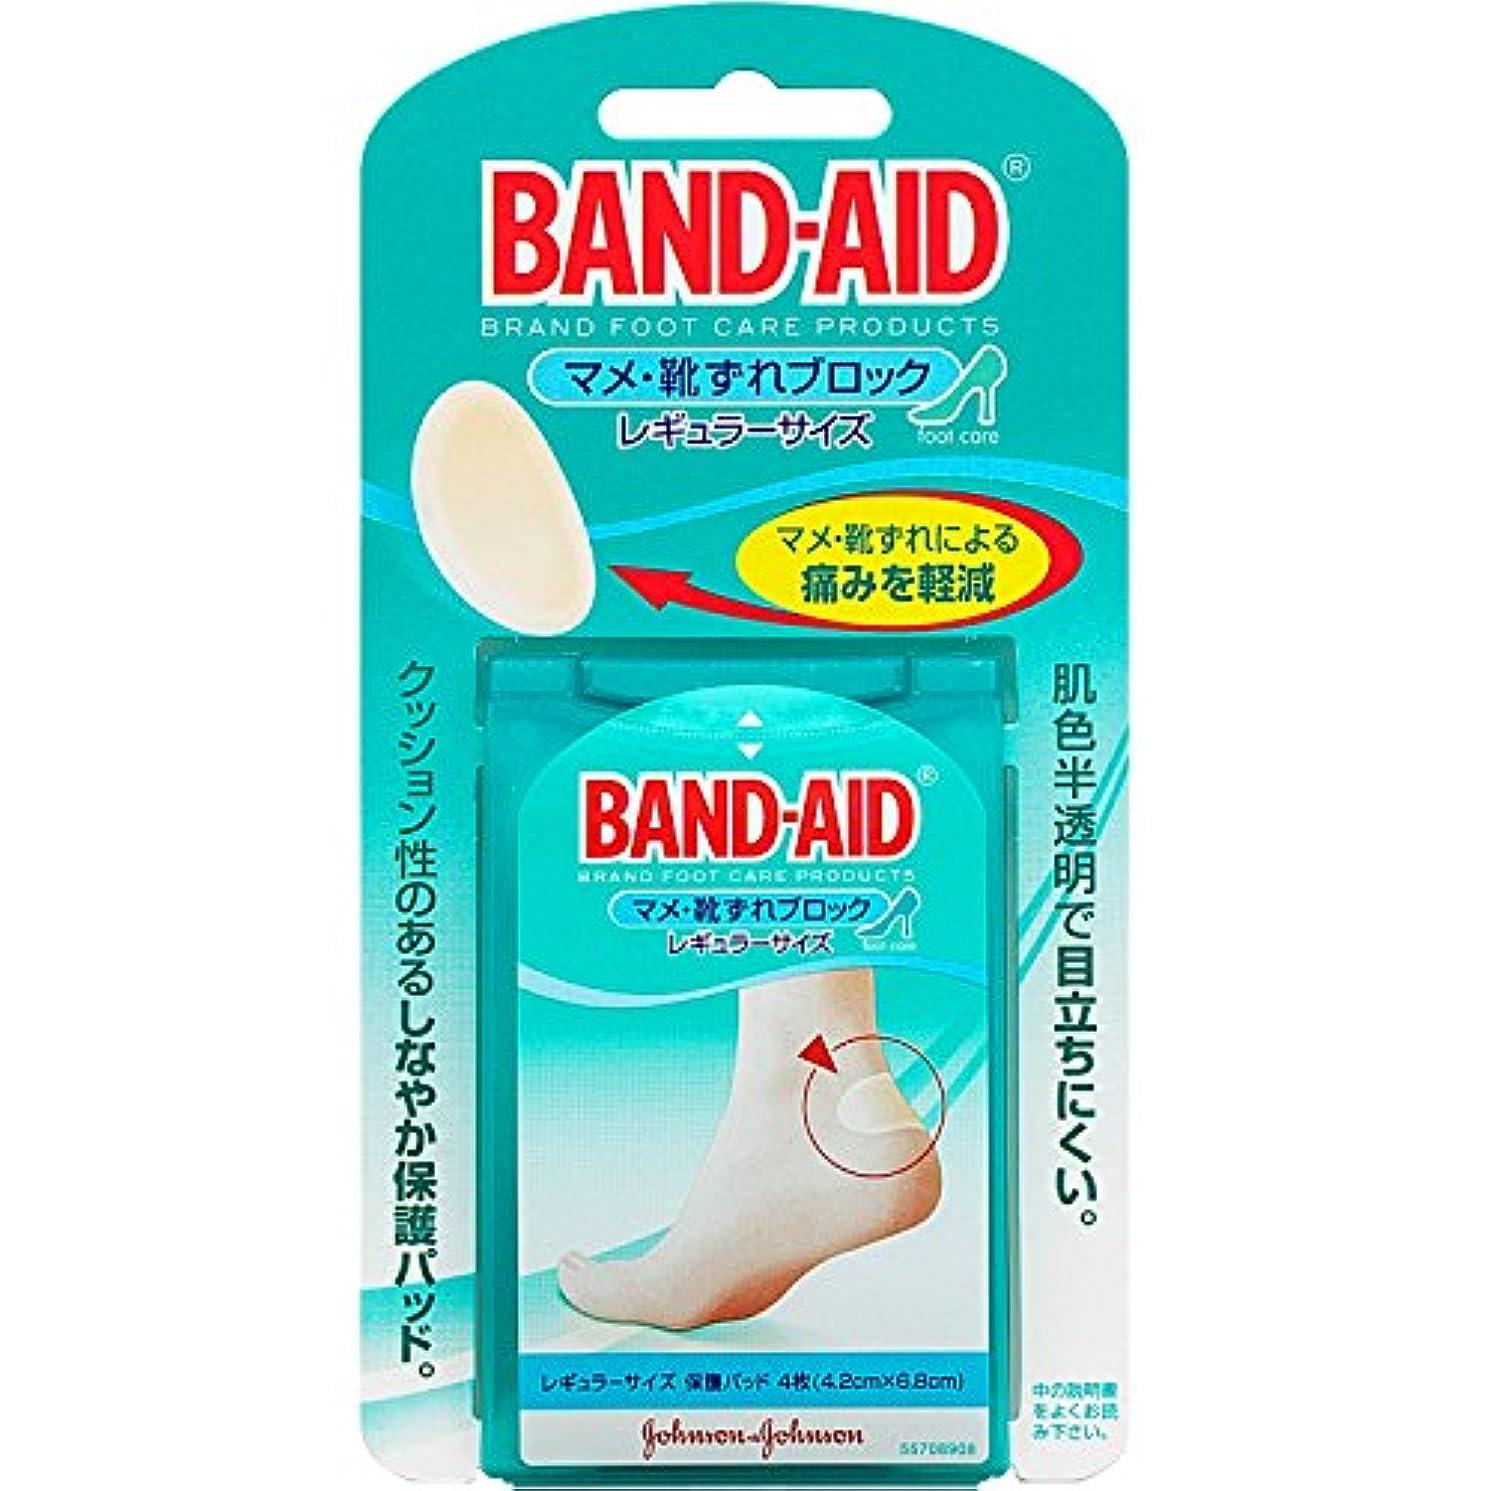 のれん相続人化合物BAND-AID(バンドエイド) マメ?靴ずれブロック レギュラーサイズ 4枚